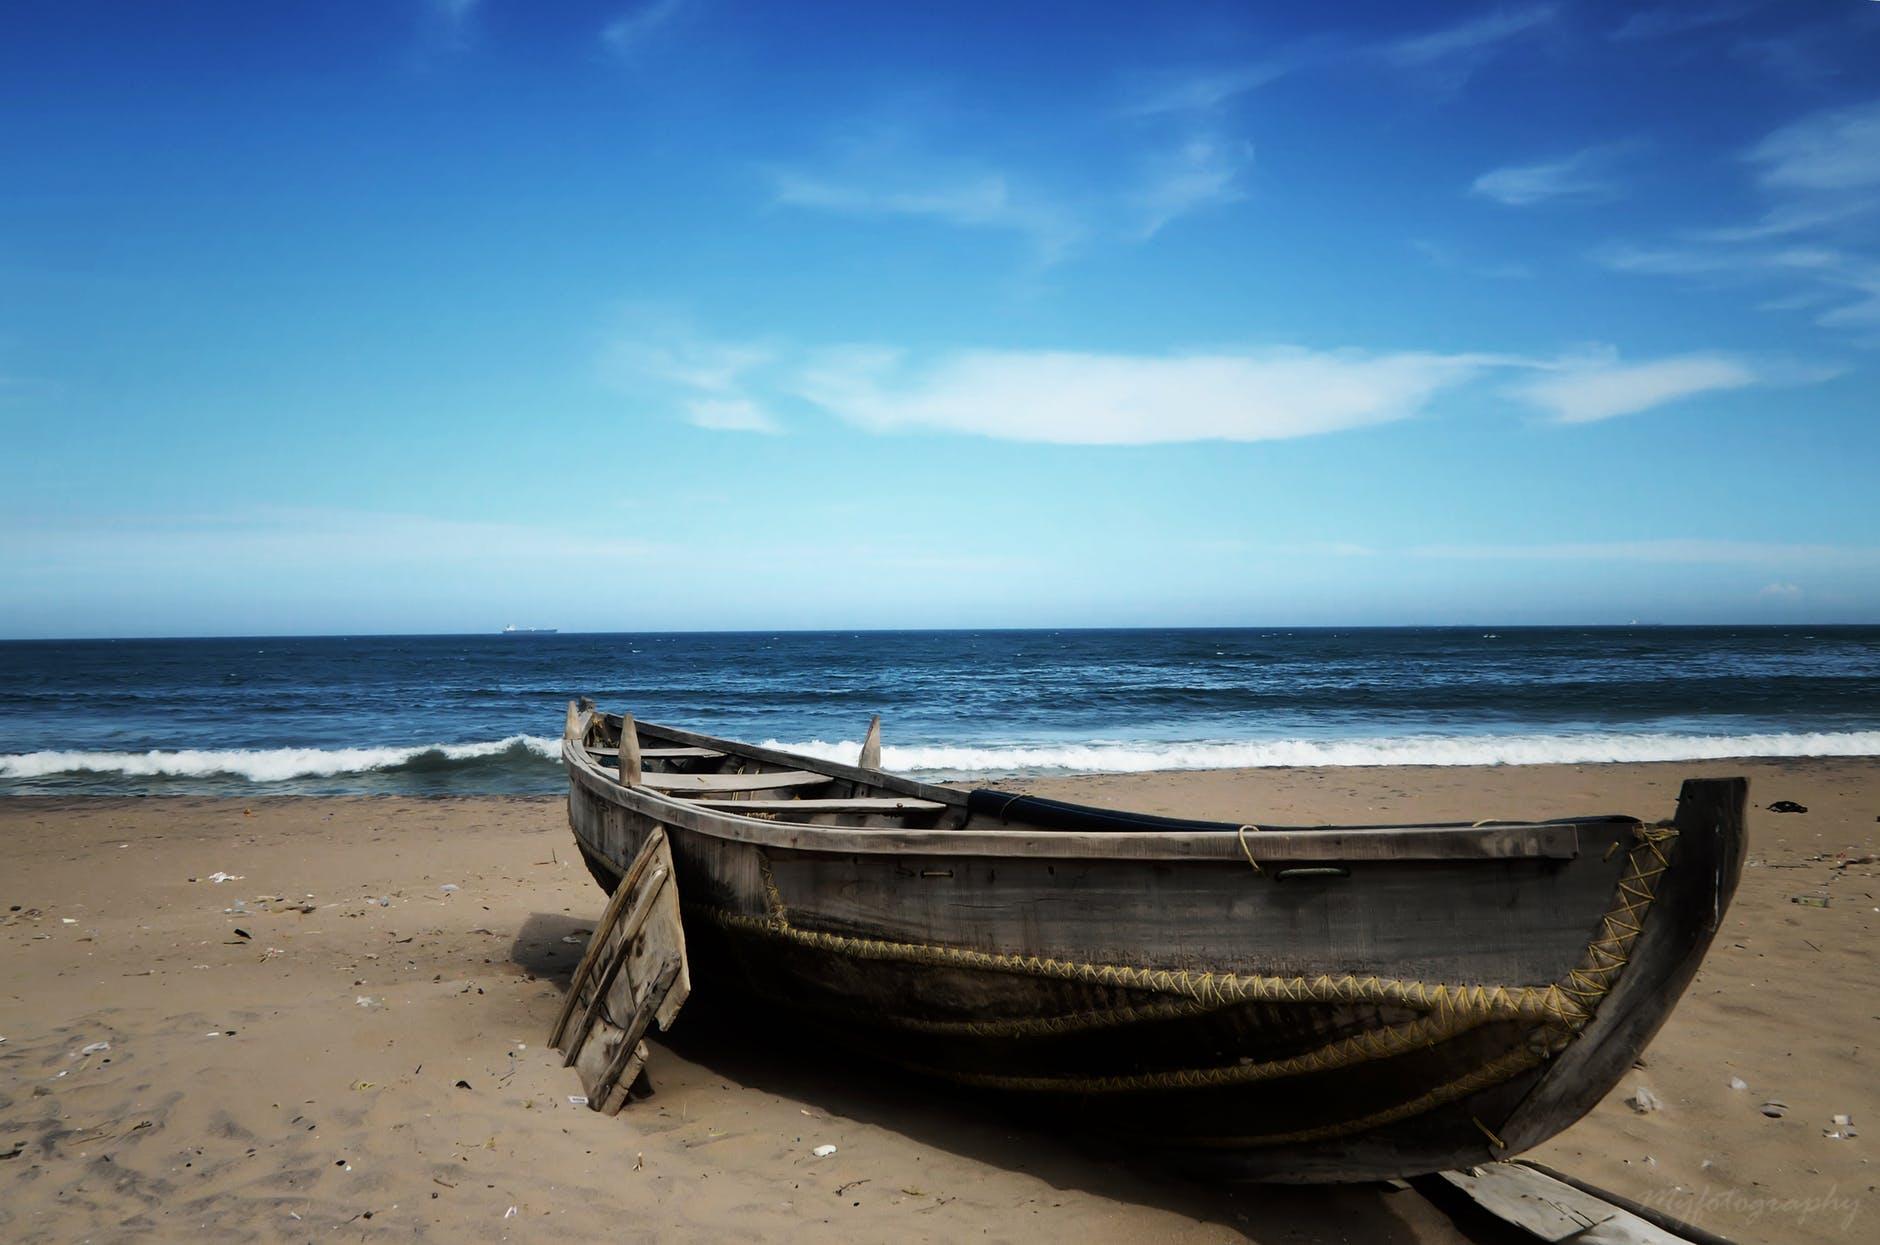 Kutti Beaches in sydney